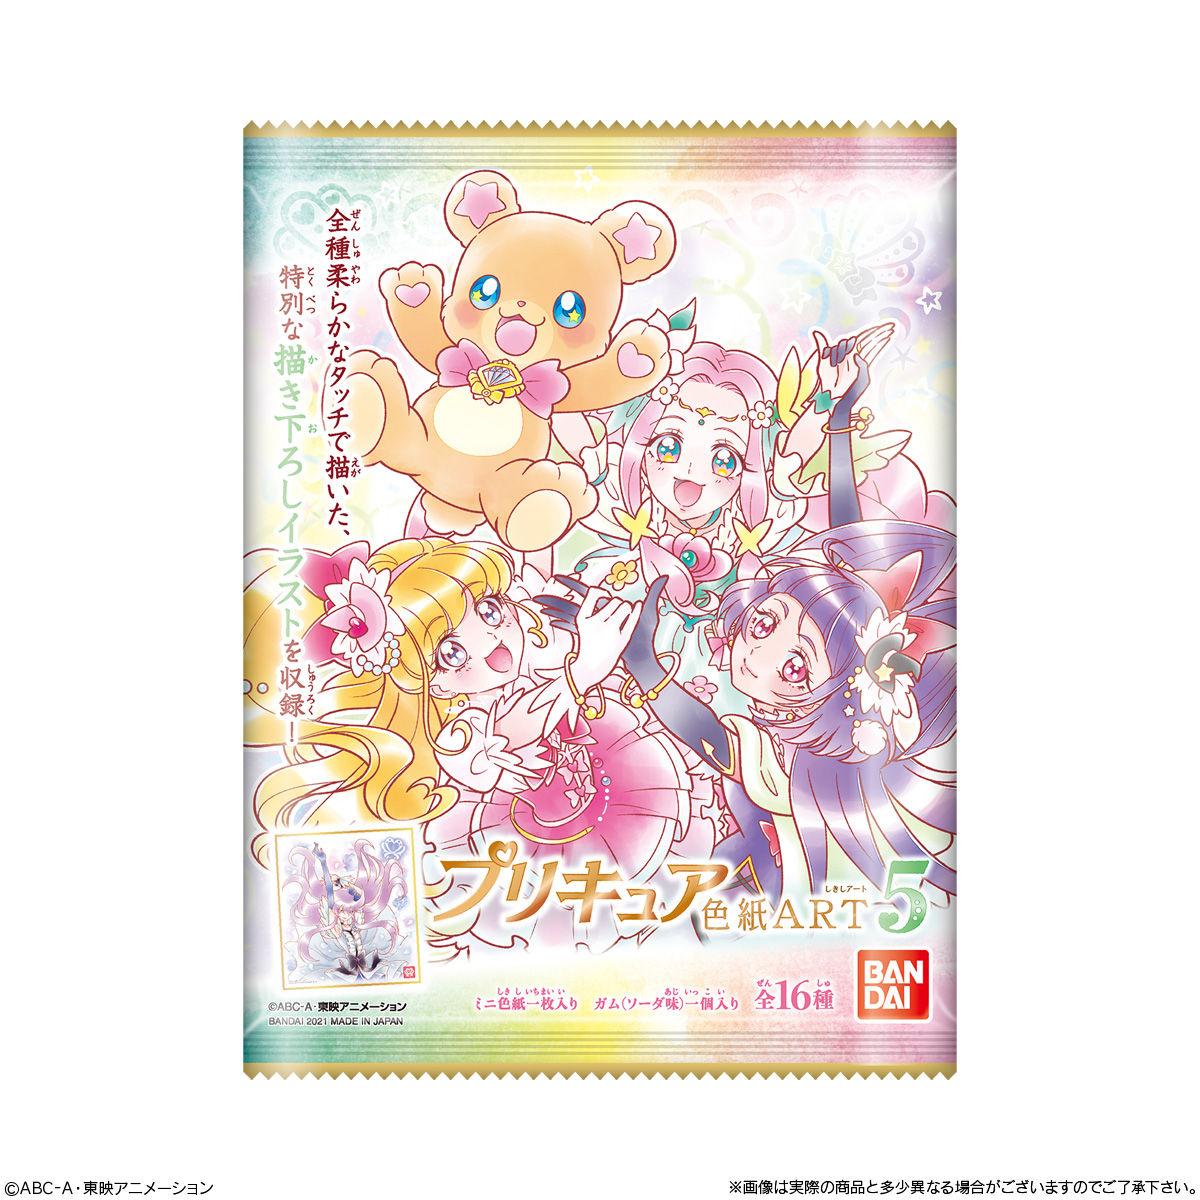 【食玩】プリキュア『プリキュア 色紙ART5』10個入りBOX-008